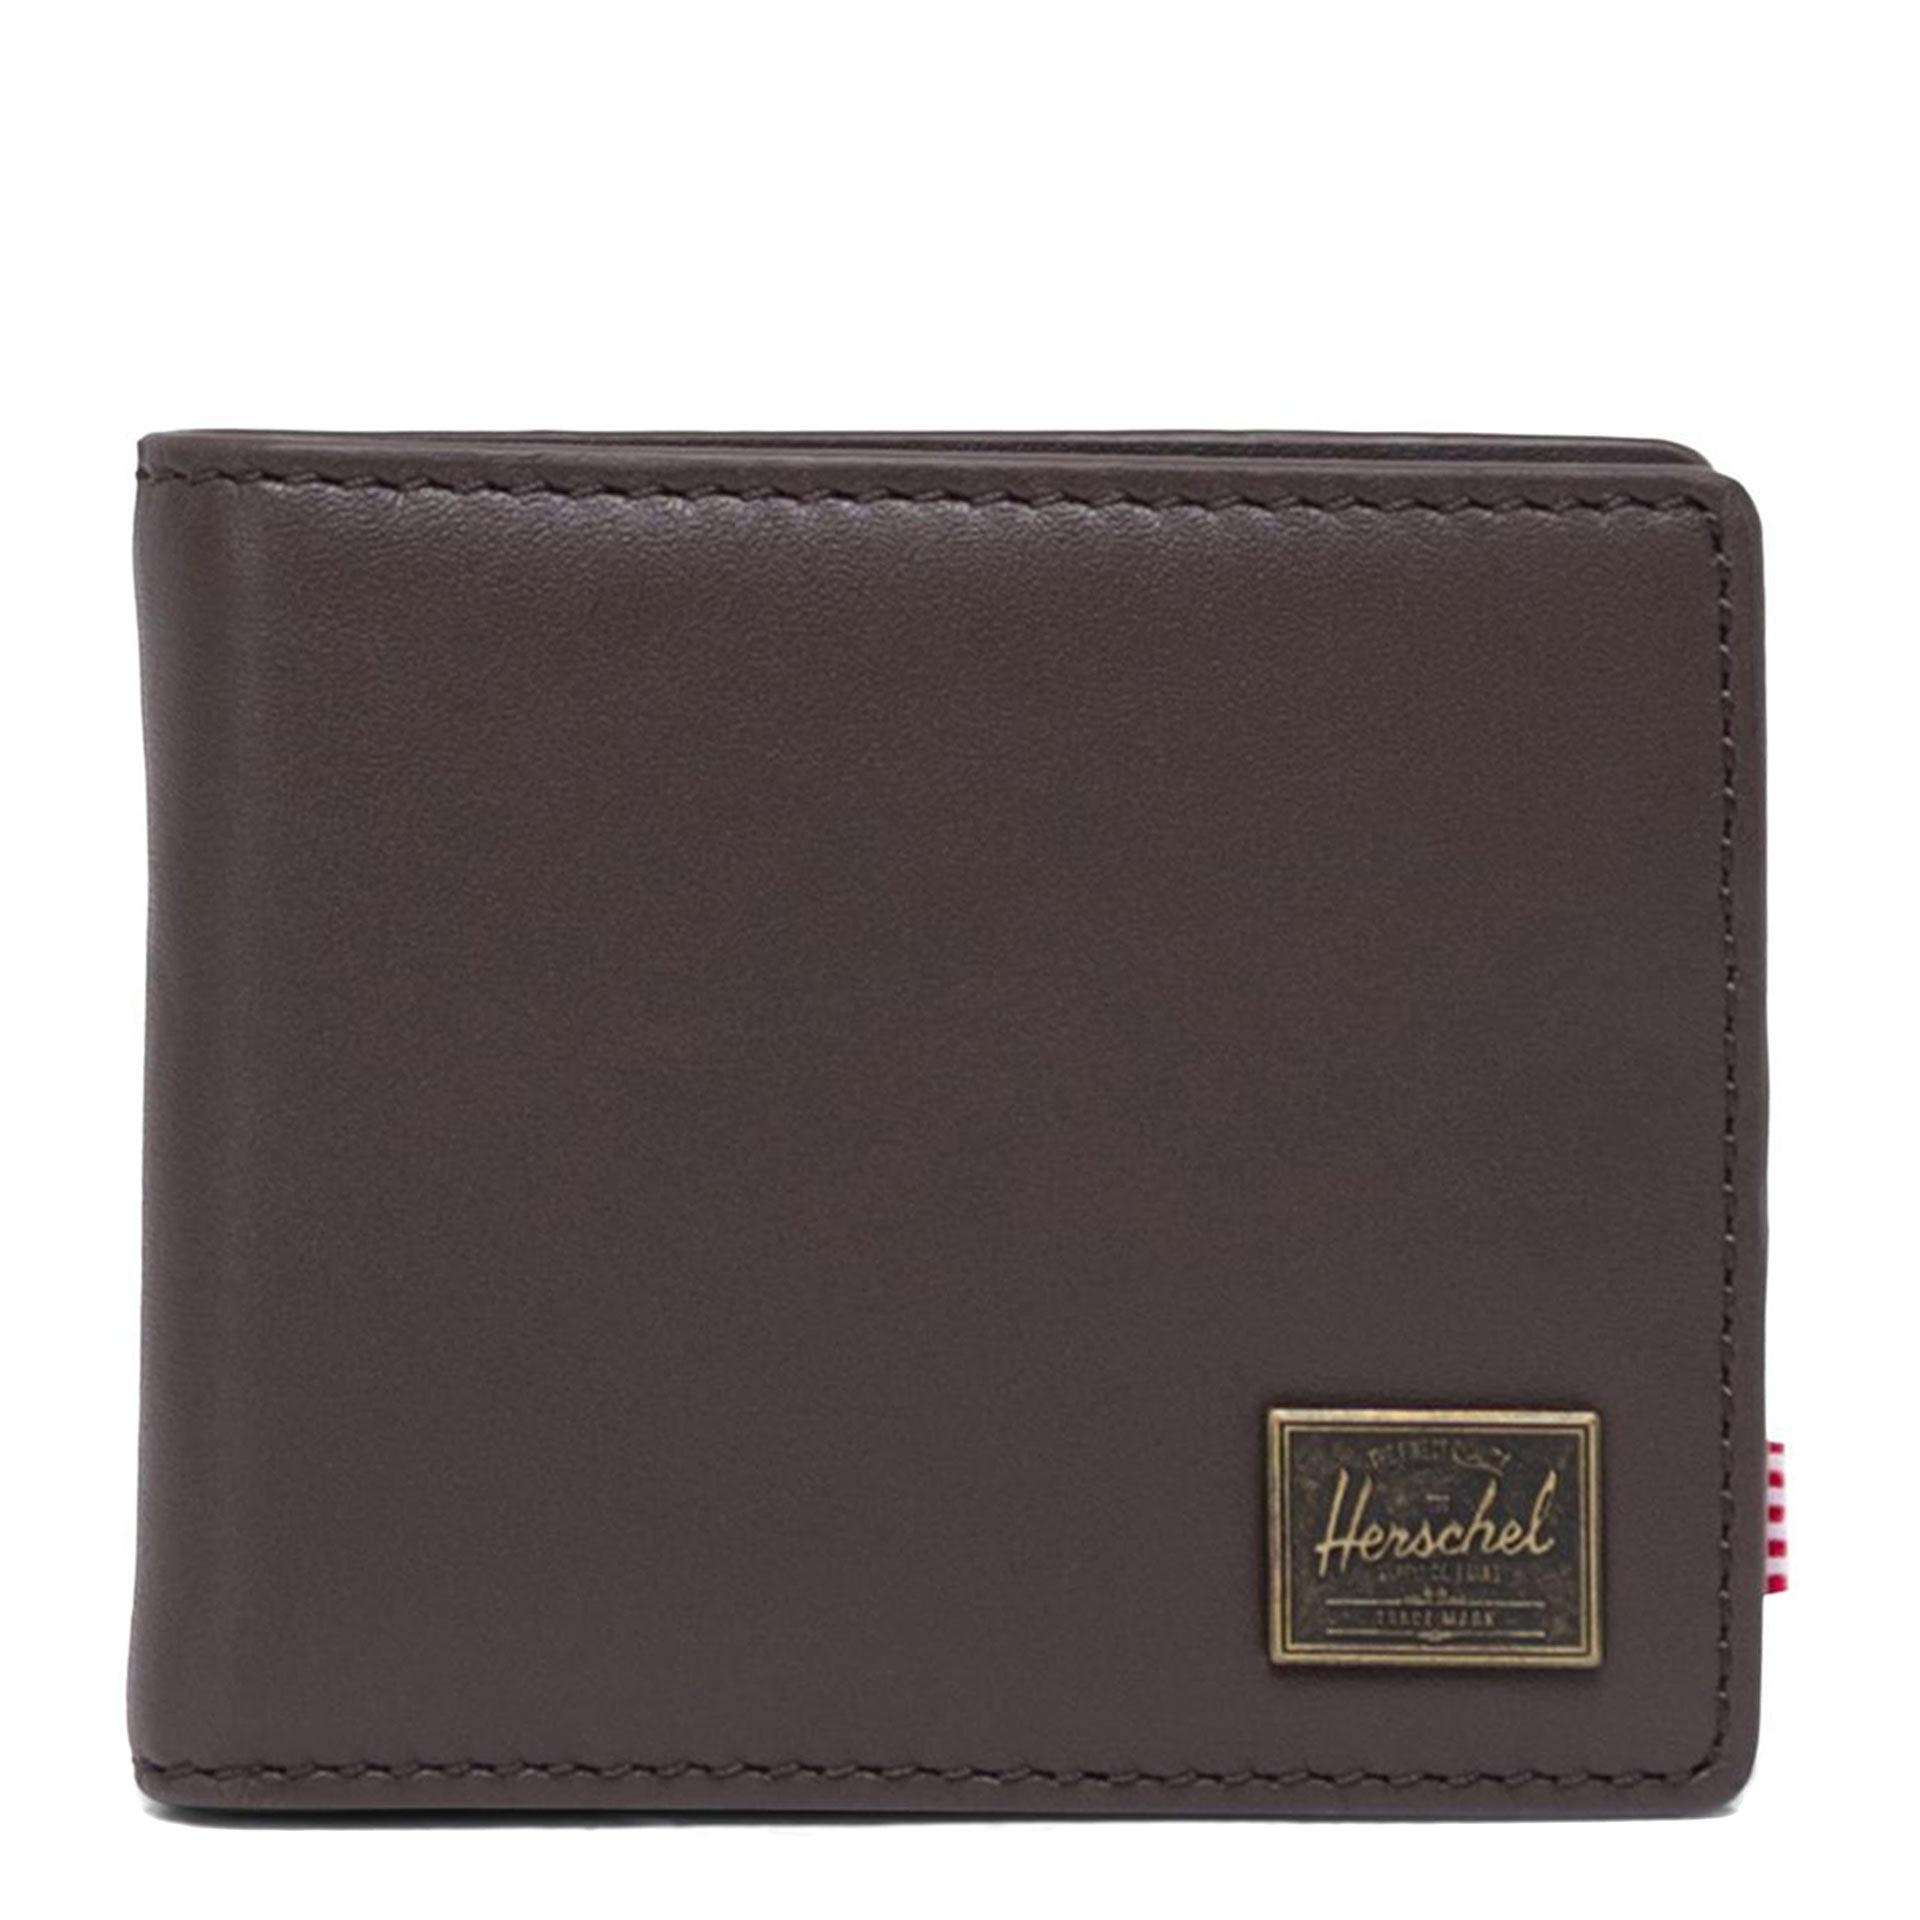 Herschel Hank Geldbörse aus Leder brown